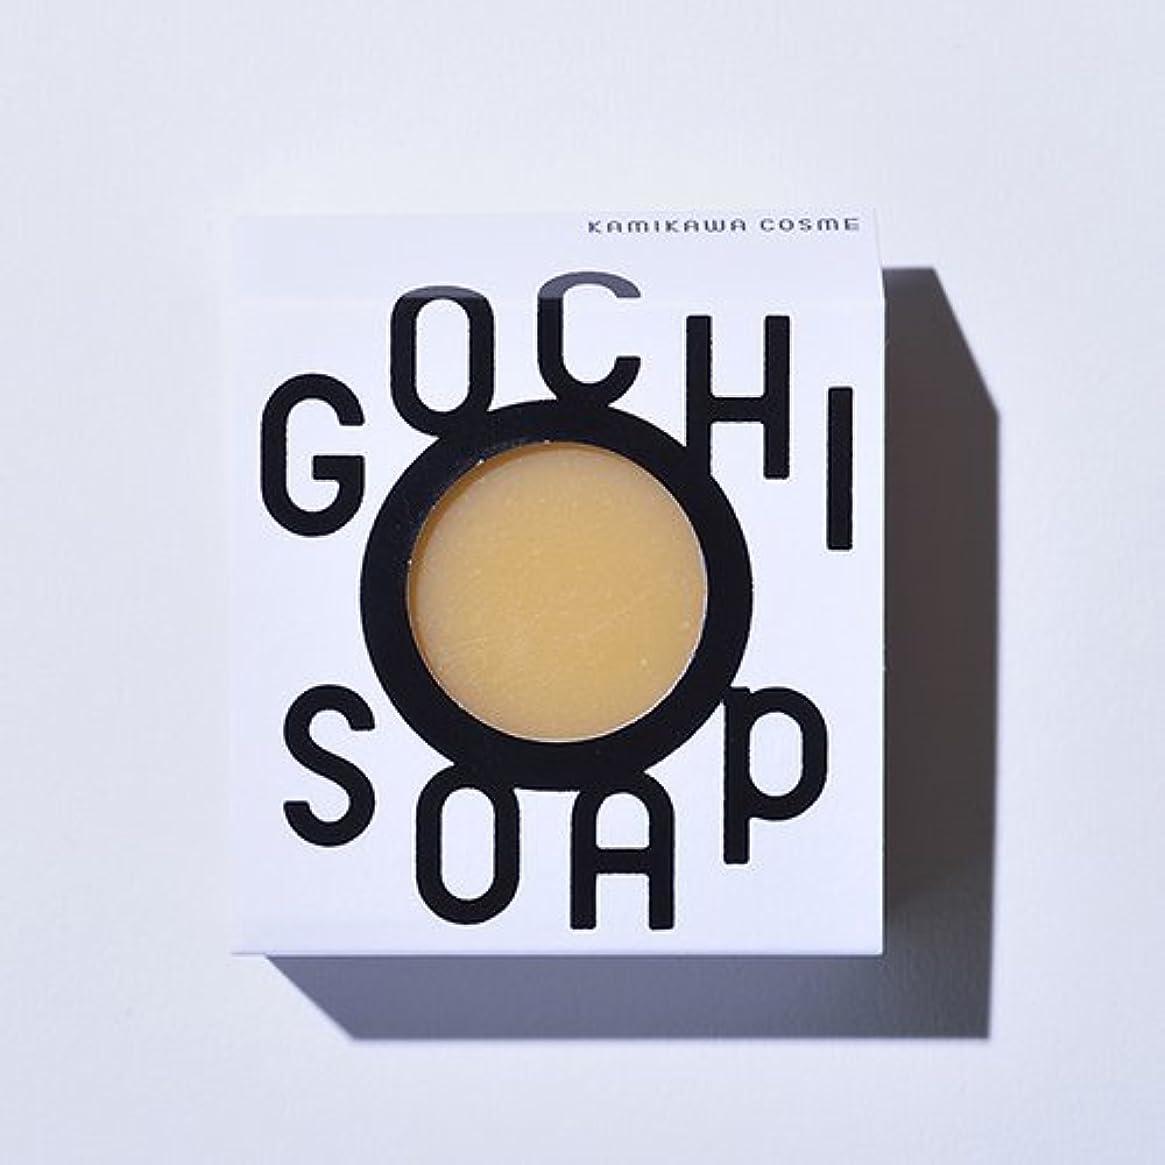 貫通する減衰仕方GOCHI SOAP ゴチソープ 谷口農場のトマトソープ